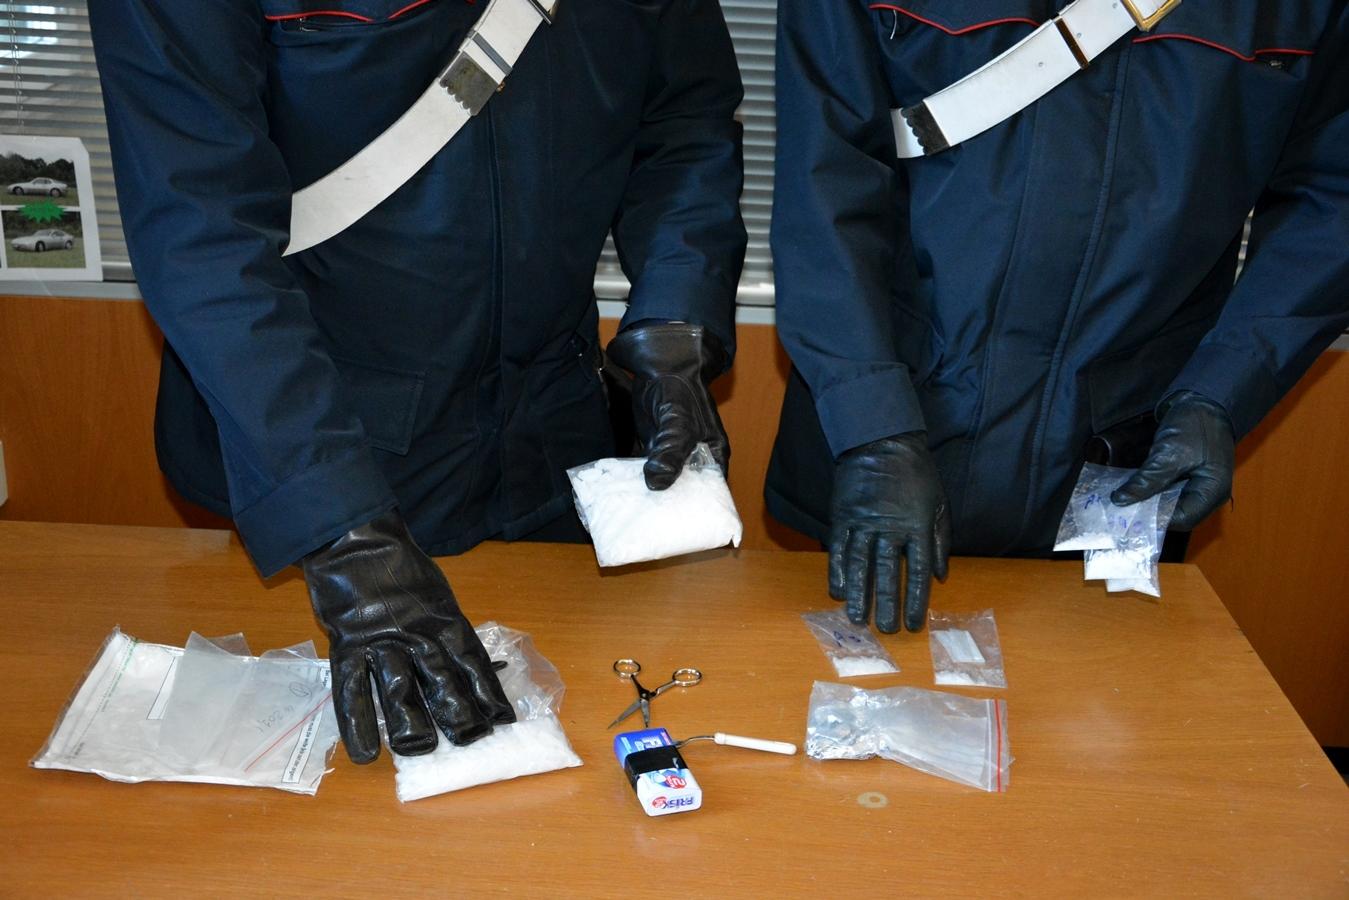 CENTRO  - Lo shaboo sequestrato dai Carabinieri (3)-2